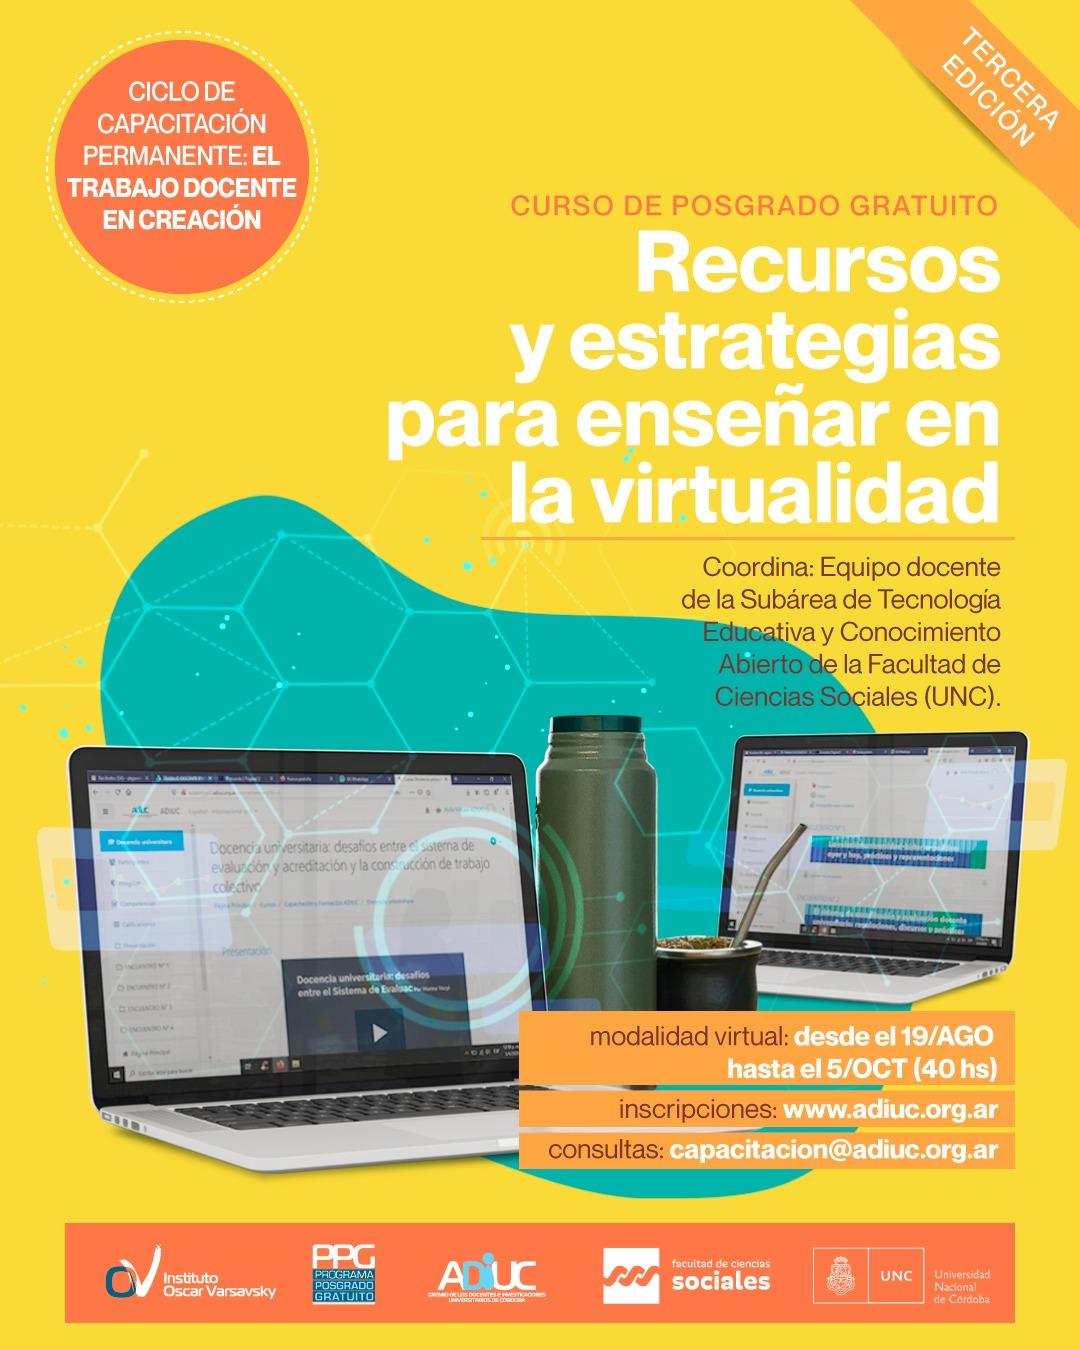 RECURSOS Y ESTRATEGIAS PARA ENSEÑAR EN LA VIRTUALIDAD – Tercera Edición